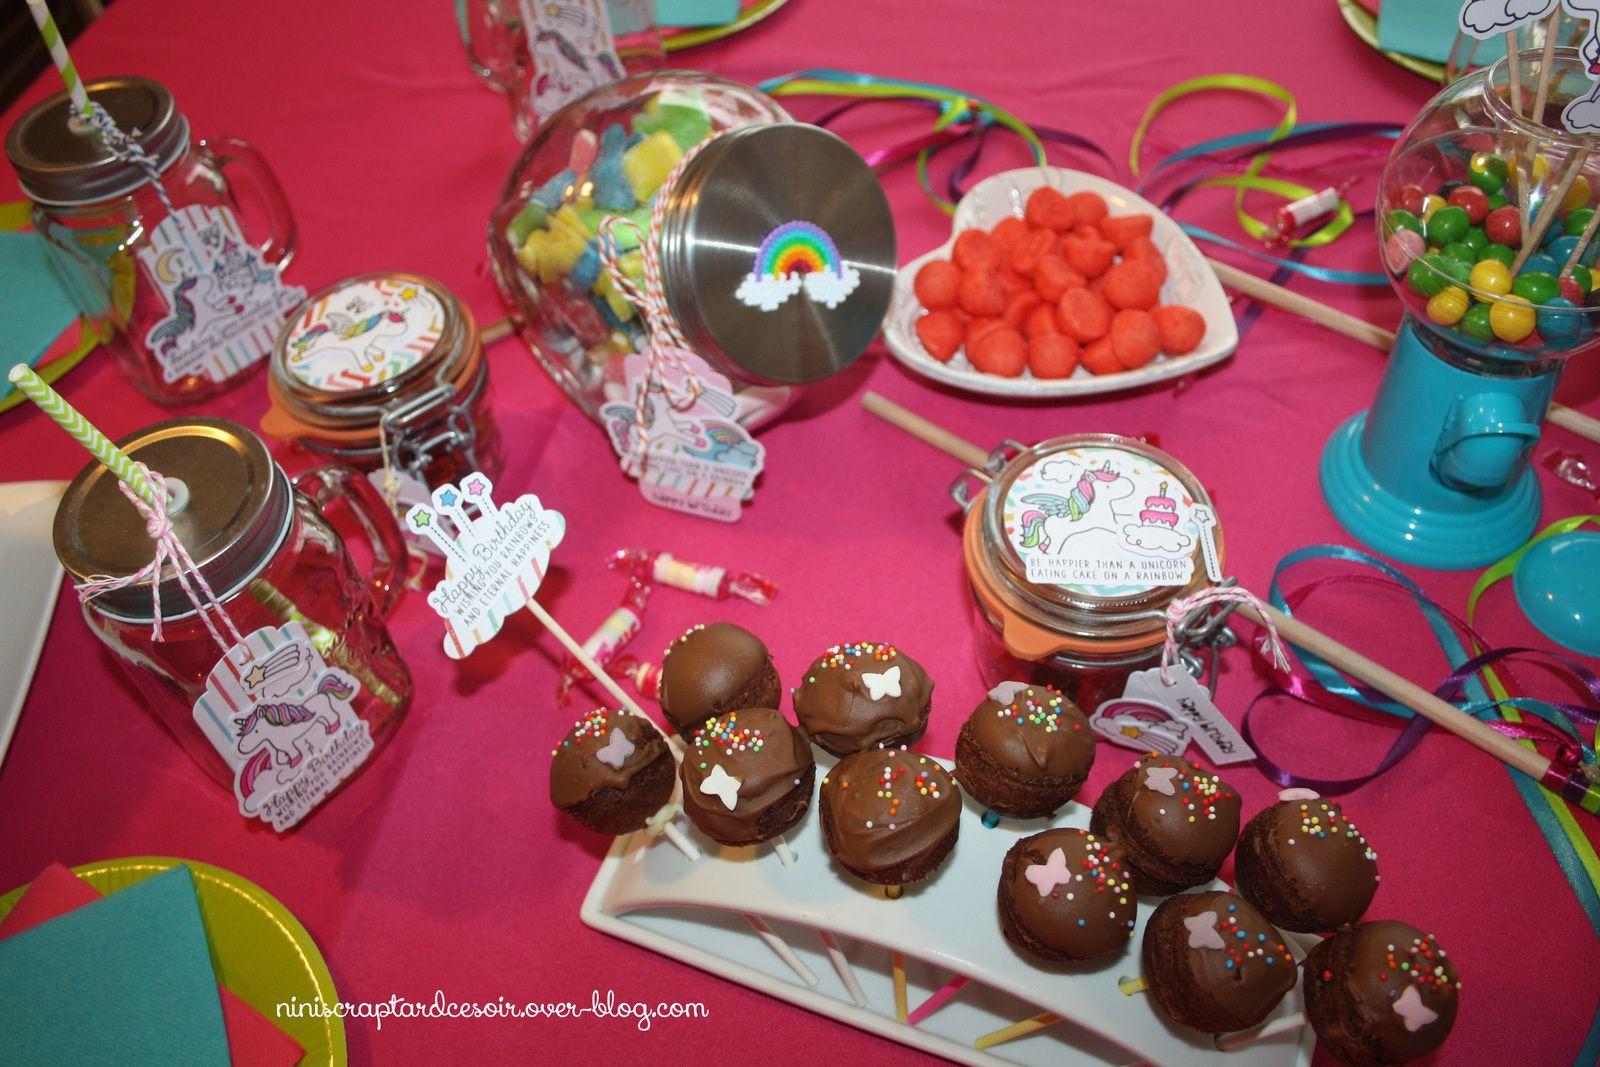 Des cakes pops caca papillon :)